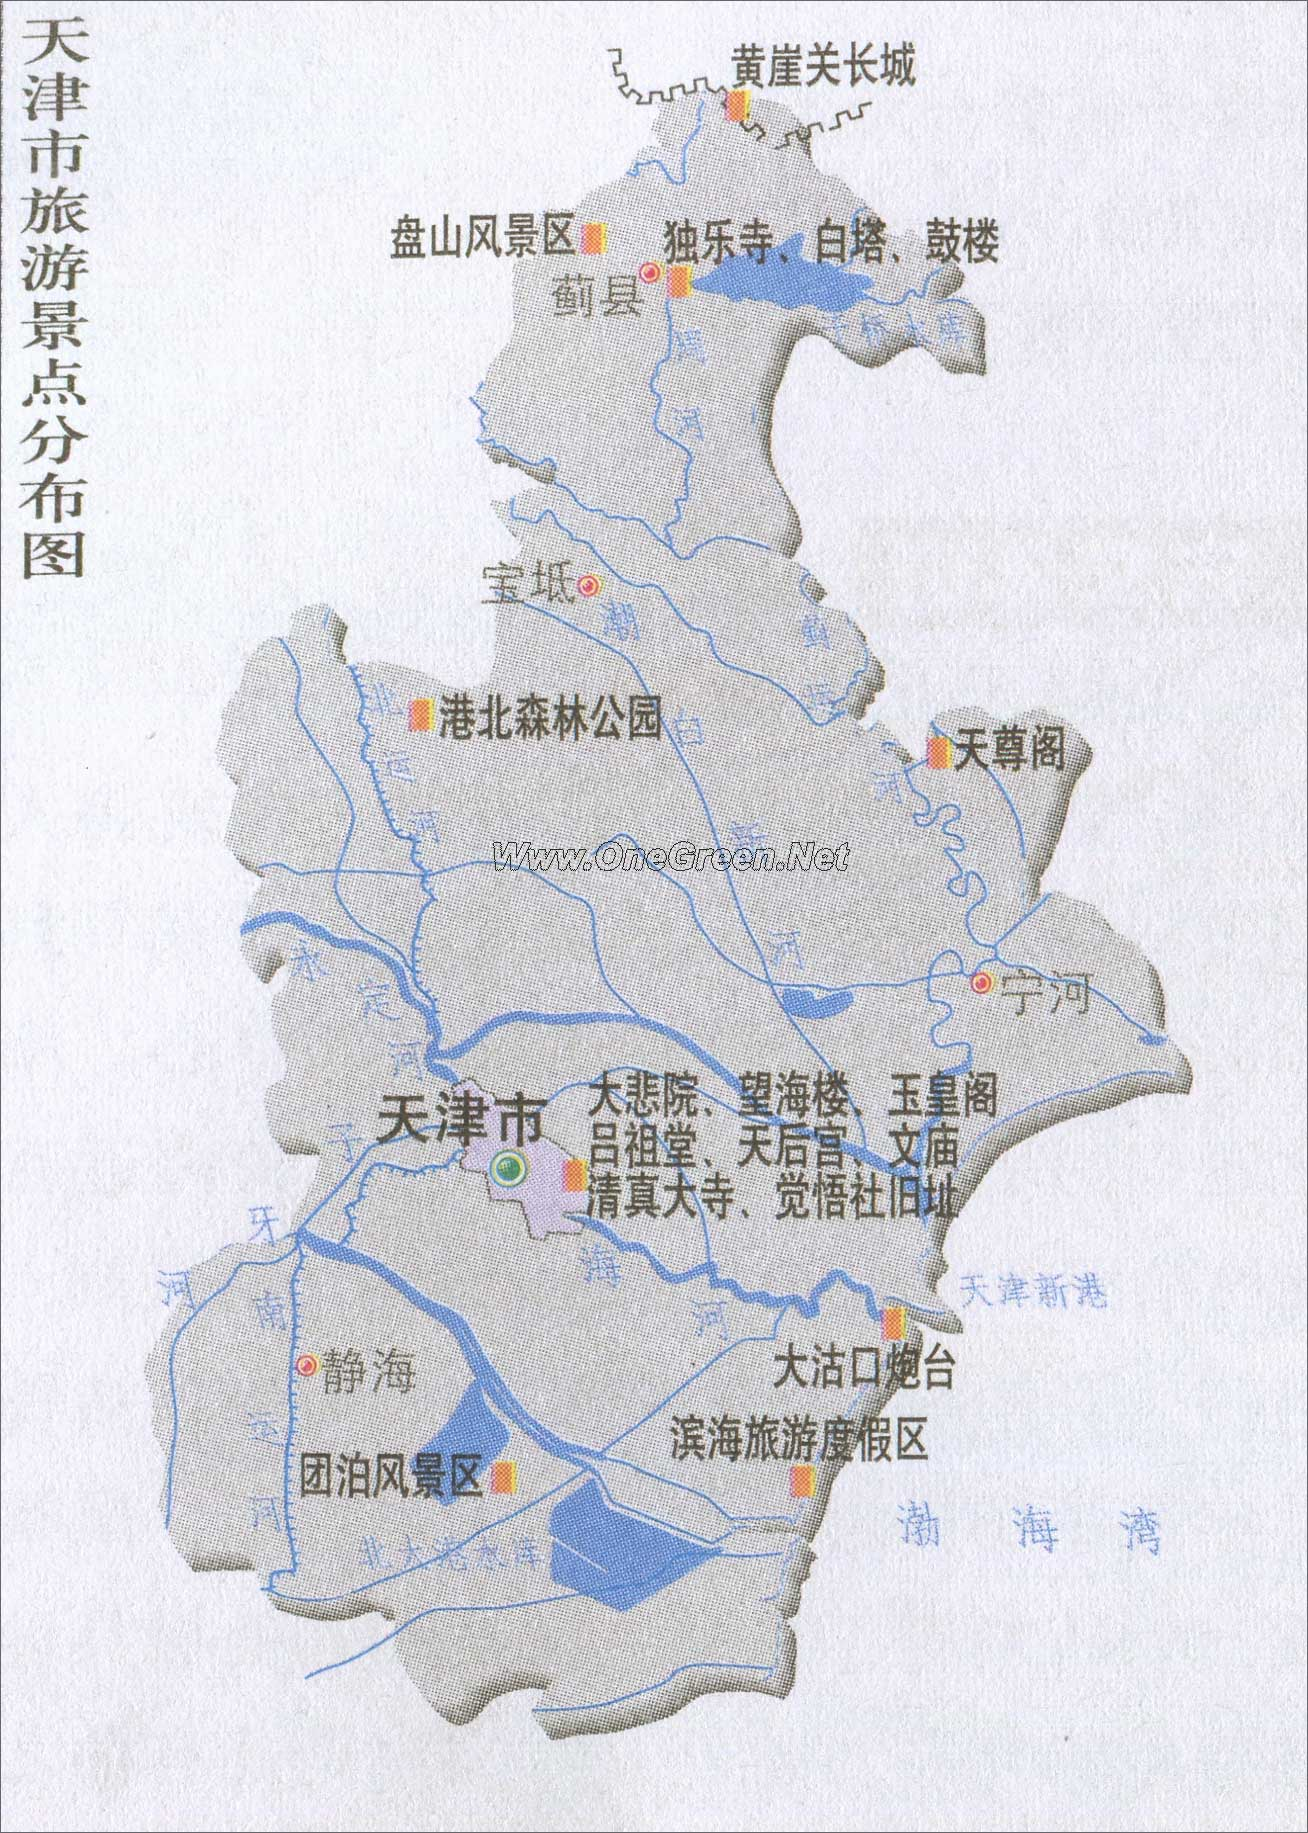 天津旅游景点分布图